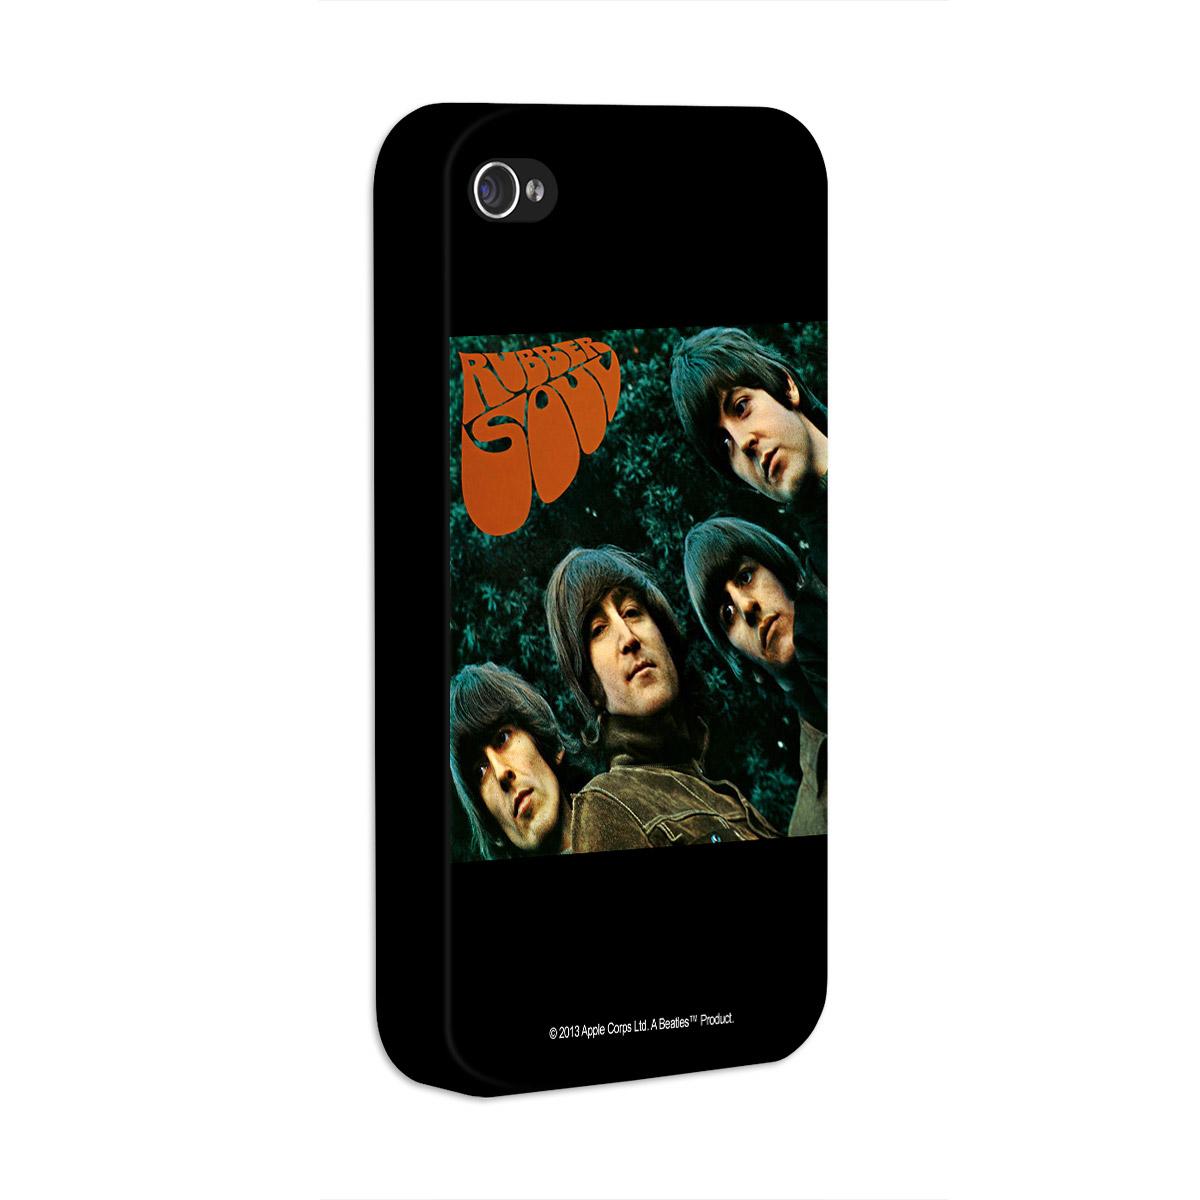 Capa de iPhone 4/4S The Beatles Rubber Soul